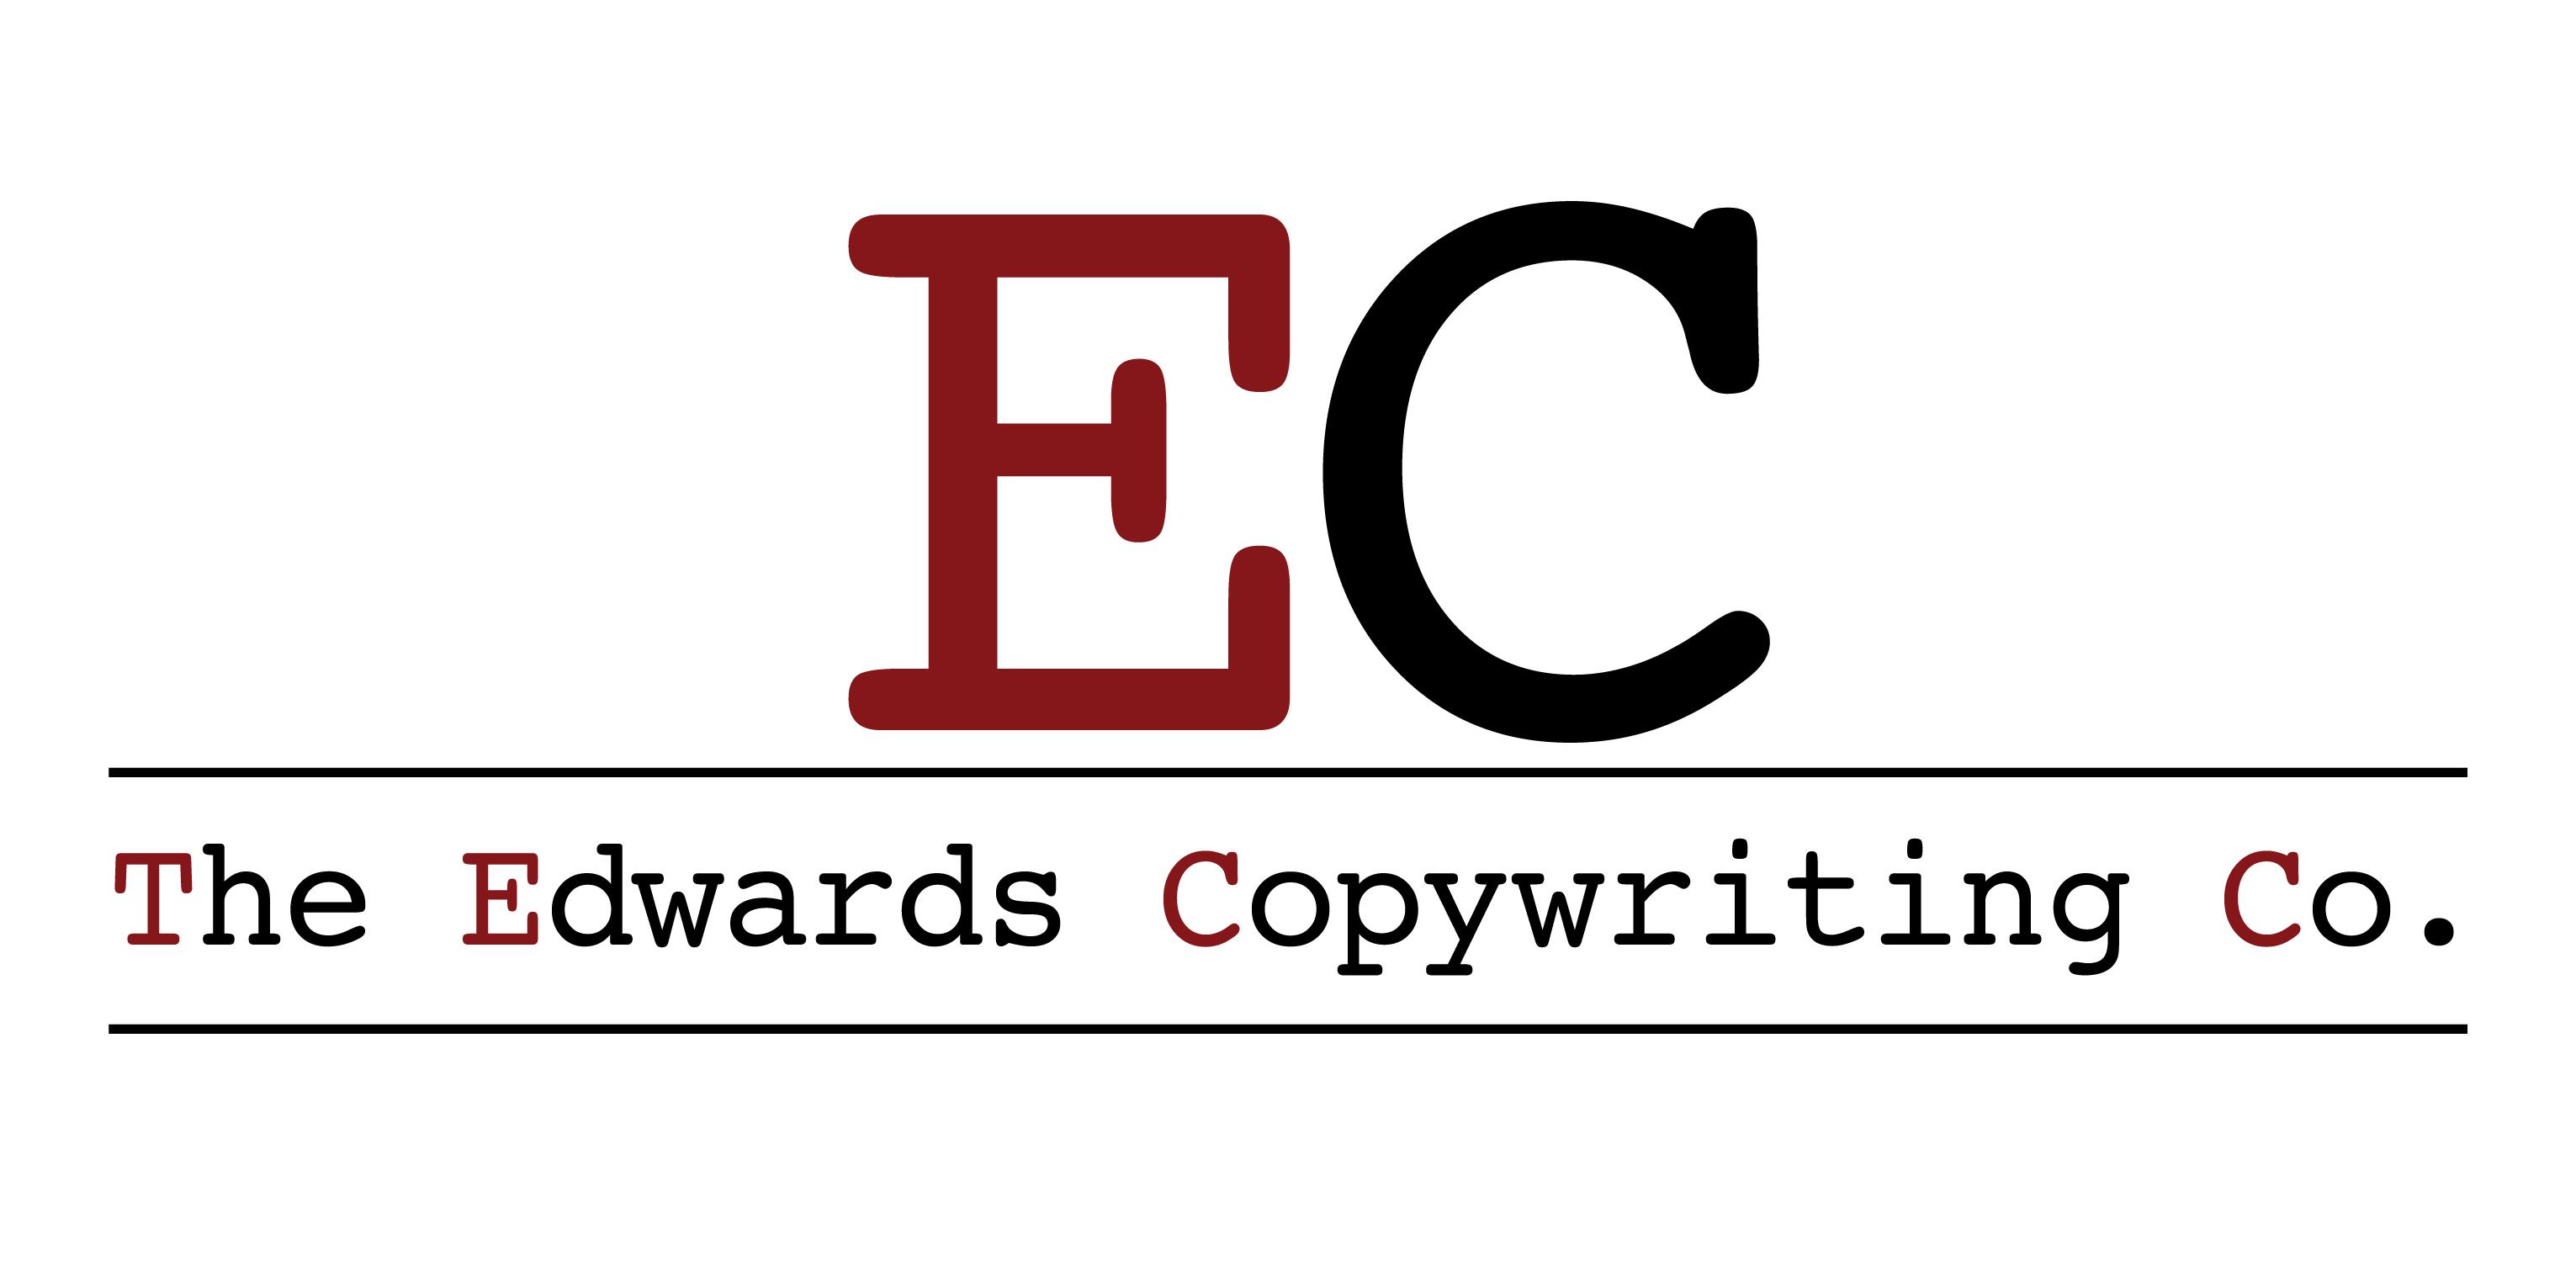 The Edwards Copywriting Company